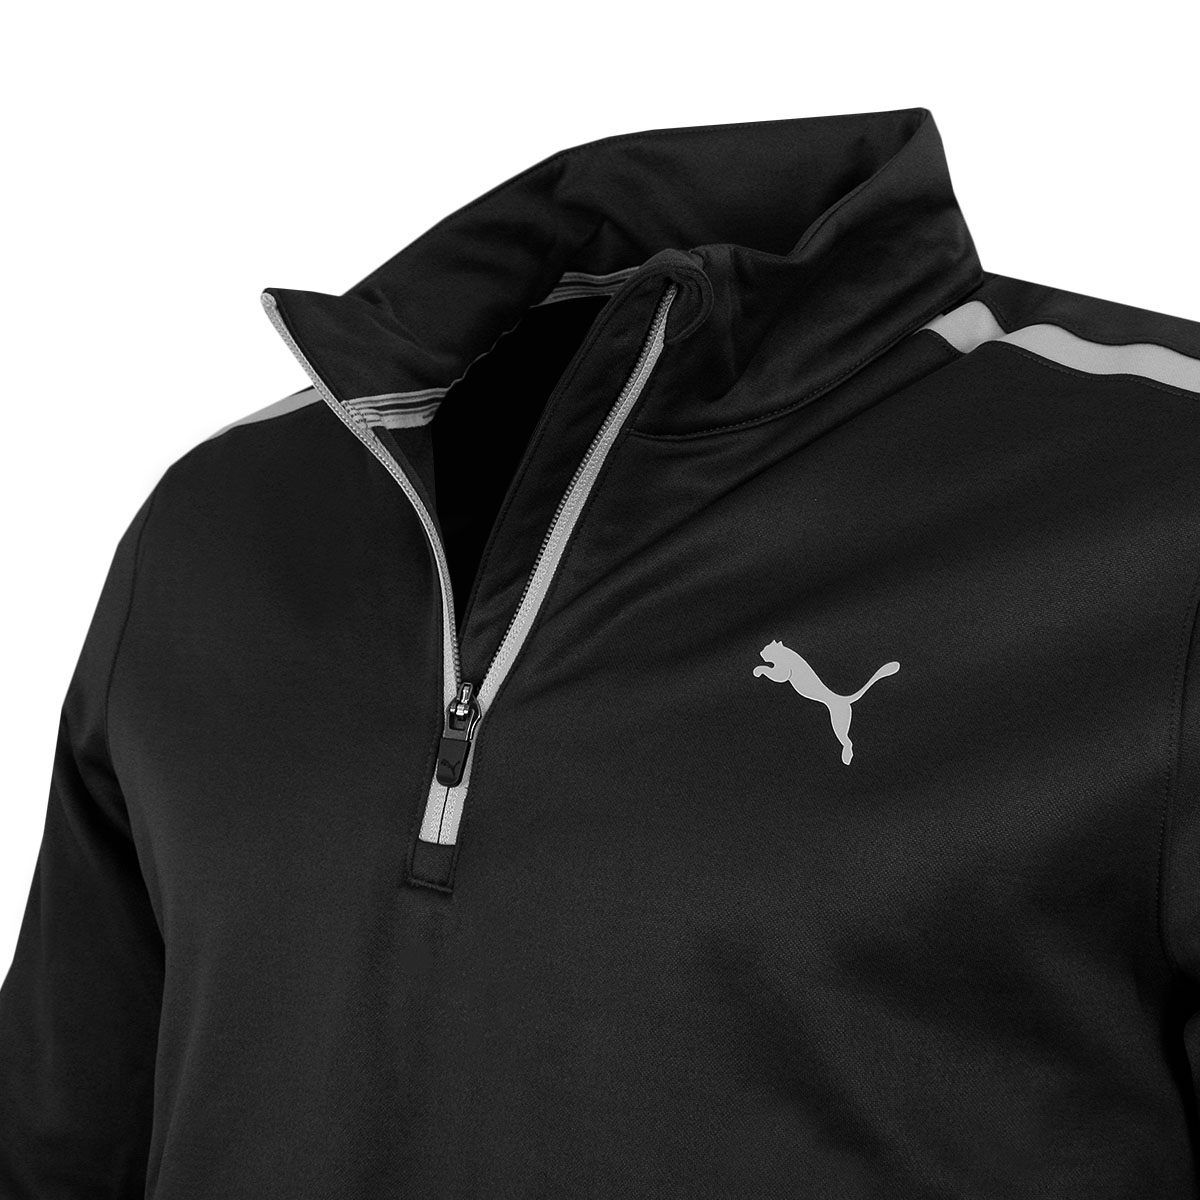 Puma-Golf-Mens-Midweight-1-4-Zip-Moisture-Wicking-WarmCELL-Fleece-46-OFF-RRP thumbnail 7